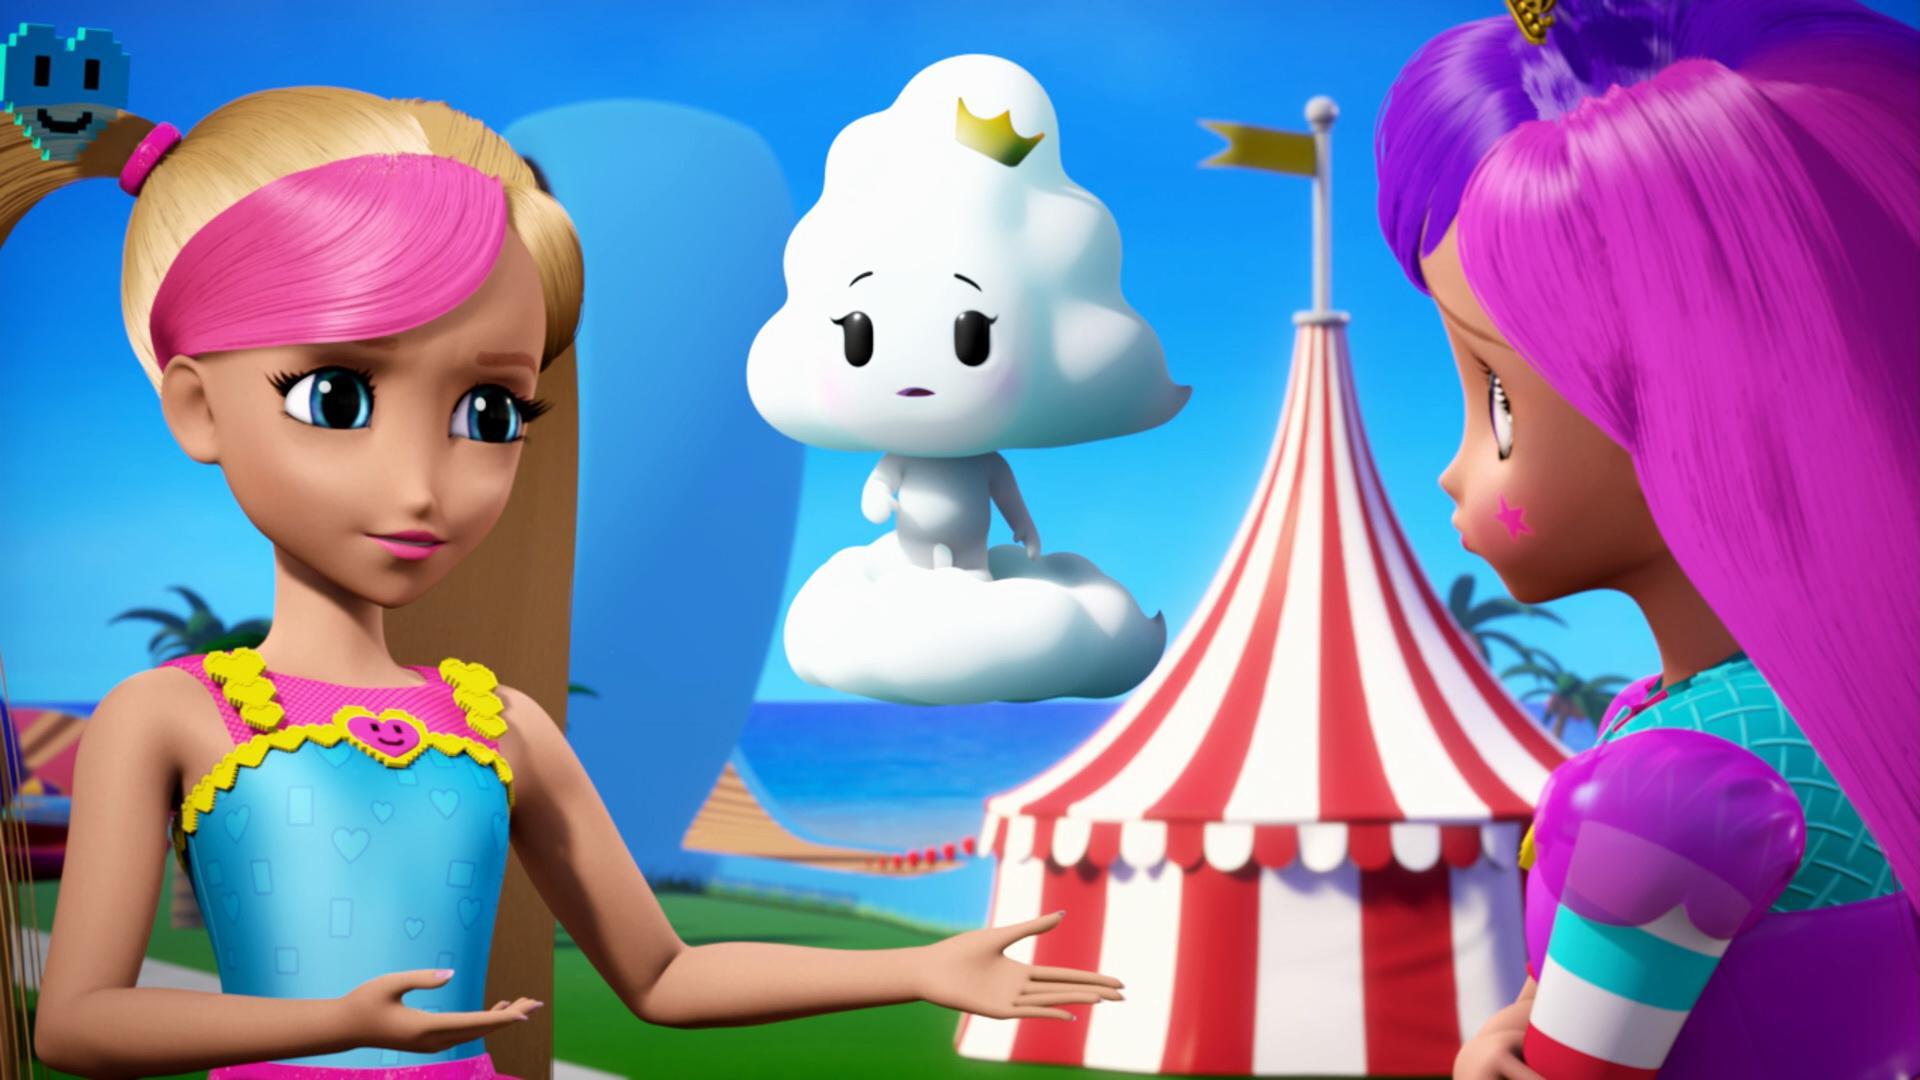 Барби Виртуальный мир-2